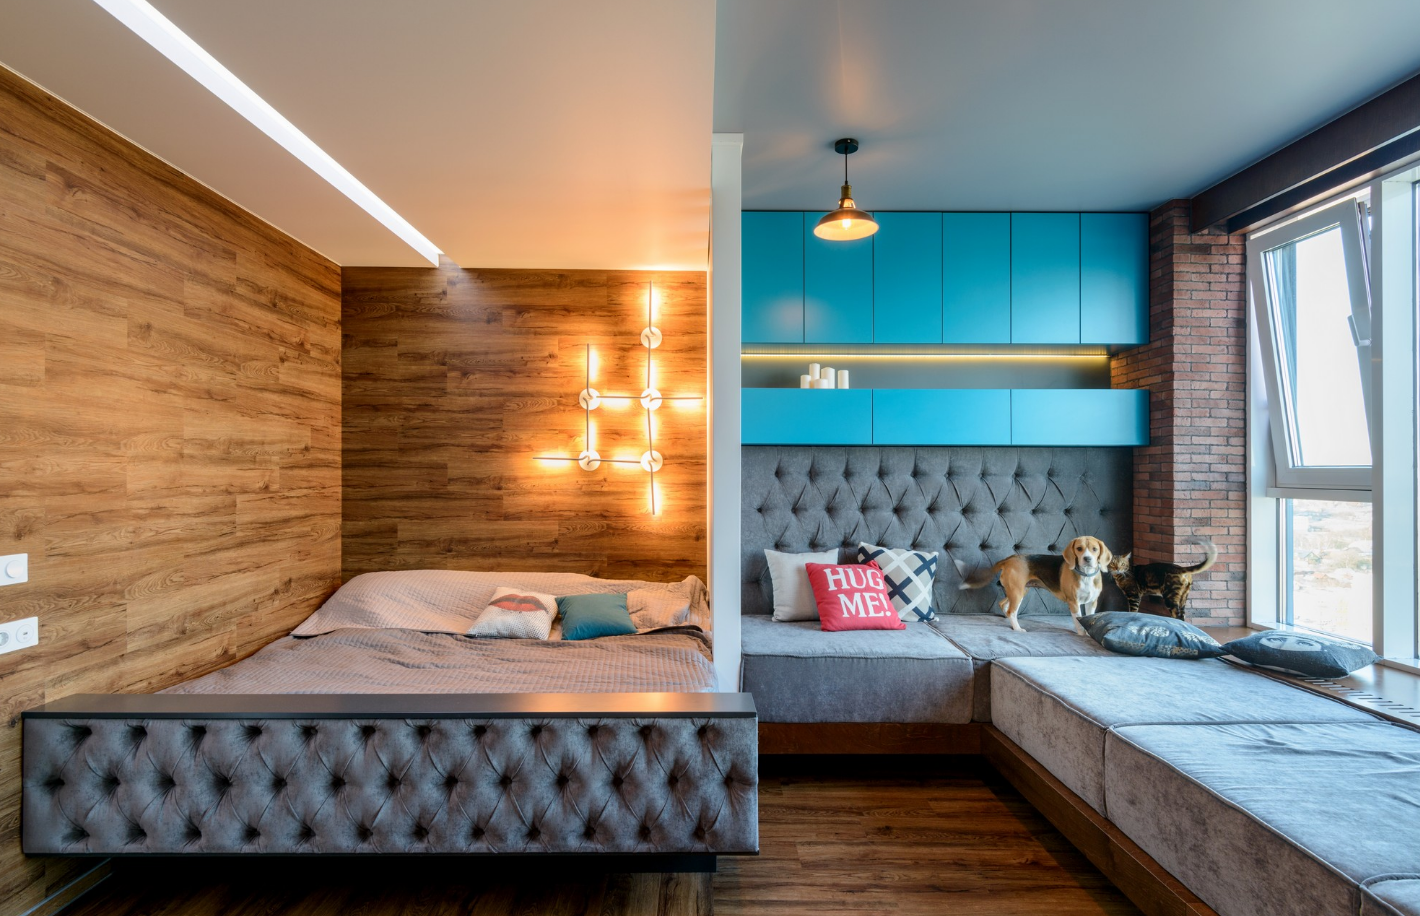 Интерьер комнаты для девушки когда есть гостевая зона, найти место для фотографирования проще